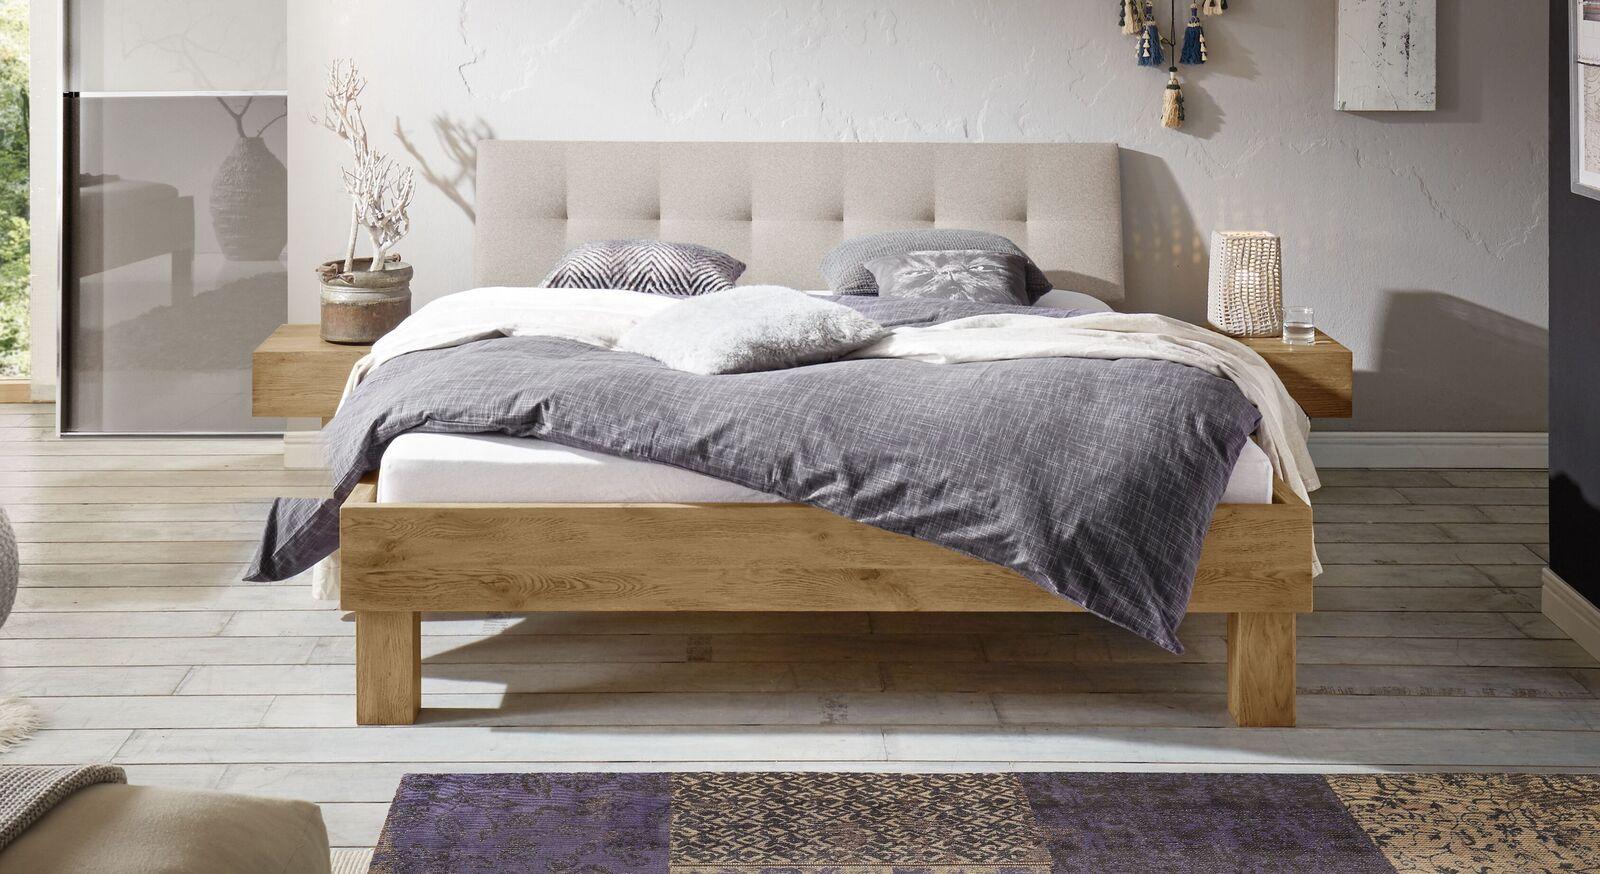 Wildeiche-Bett massiv mit gepolstertem Kopfteil - Santa Luiza